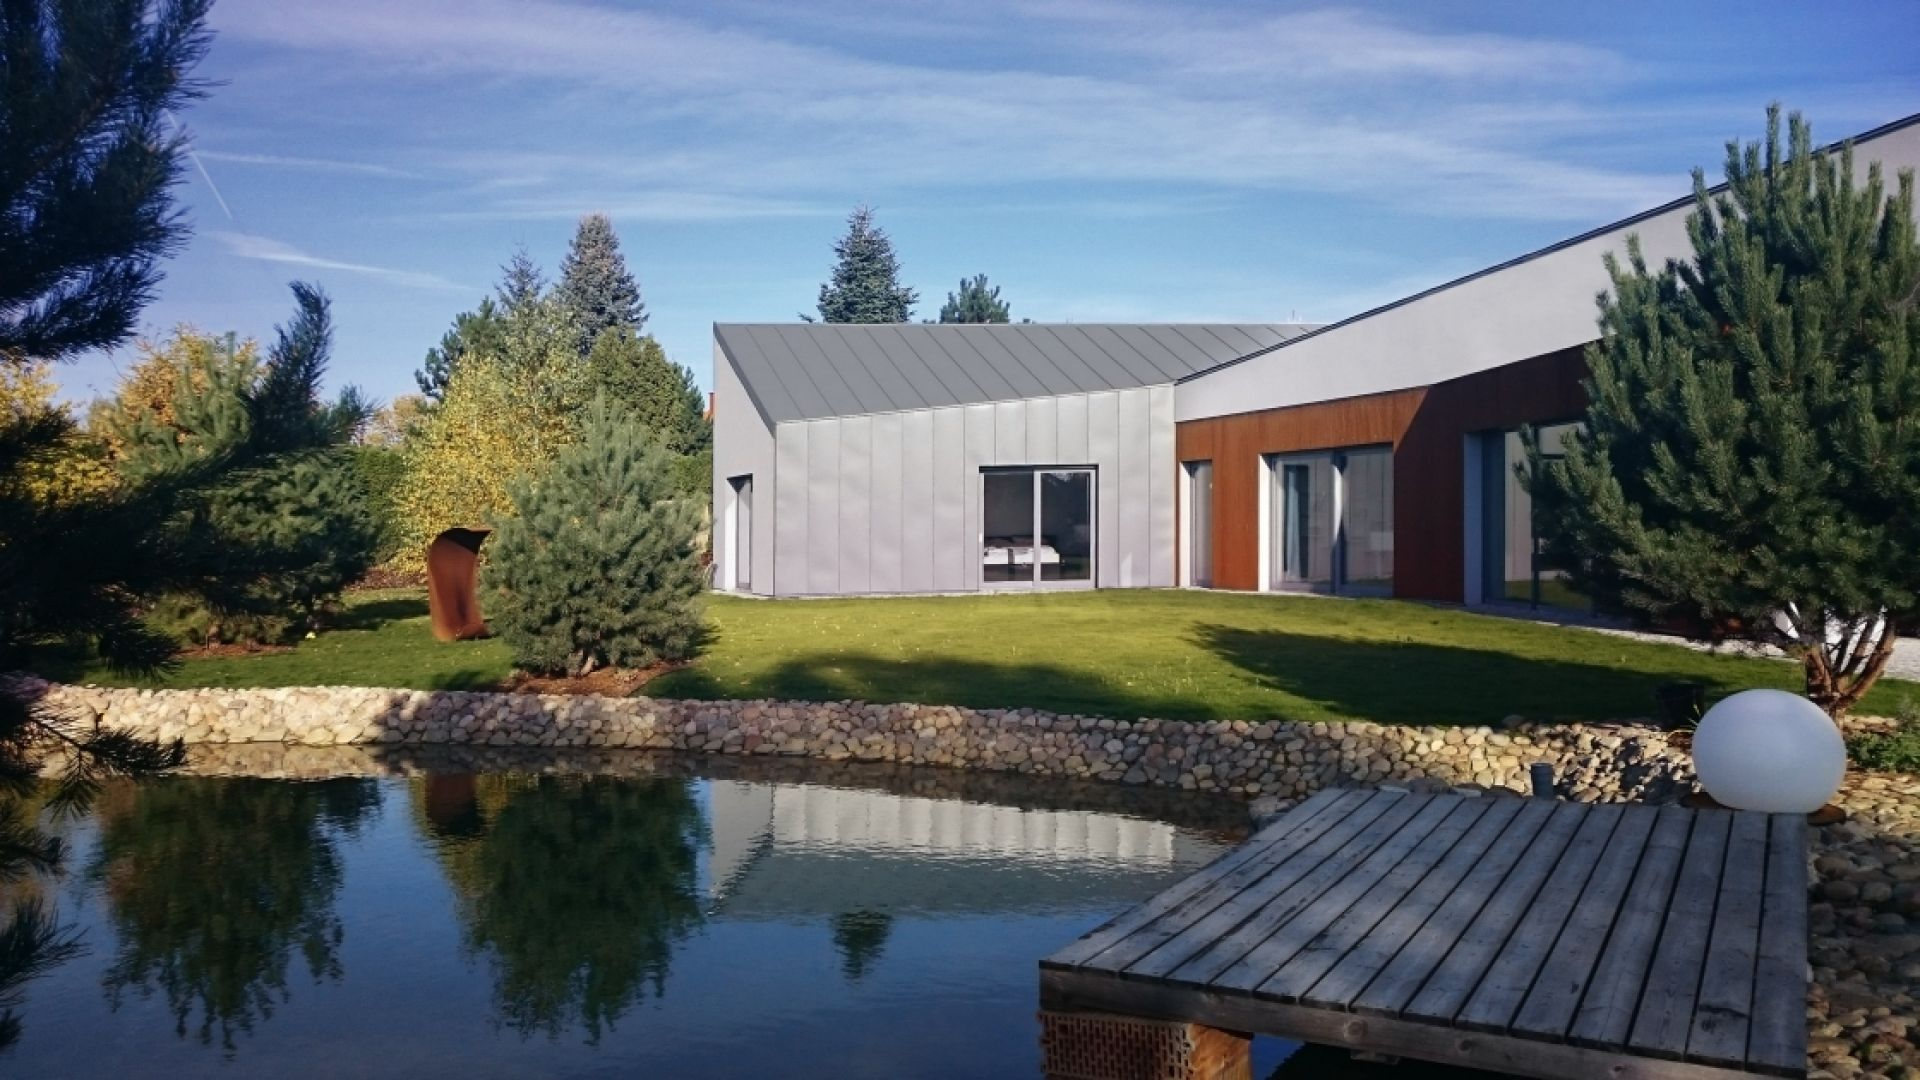 Nowoczesna technologia i wykorzystanie dwunastocentymetrowych ścian konstrukcyjnych umożliwiło stworzenie oszczędnej i wytrzymałej konstrukcji budynku o doskonałych parametrach termicznych. Fot. 3DPROJEKT